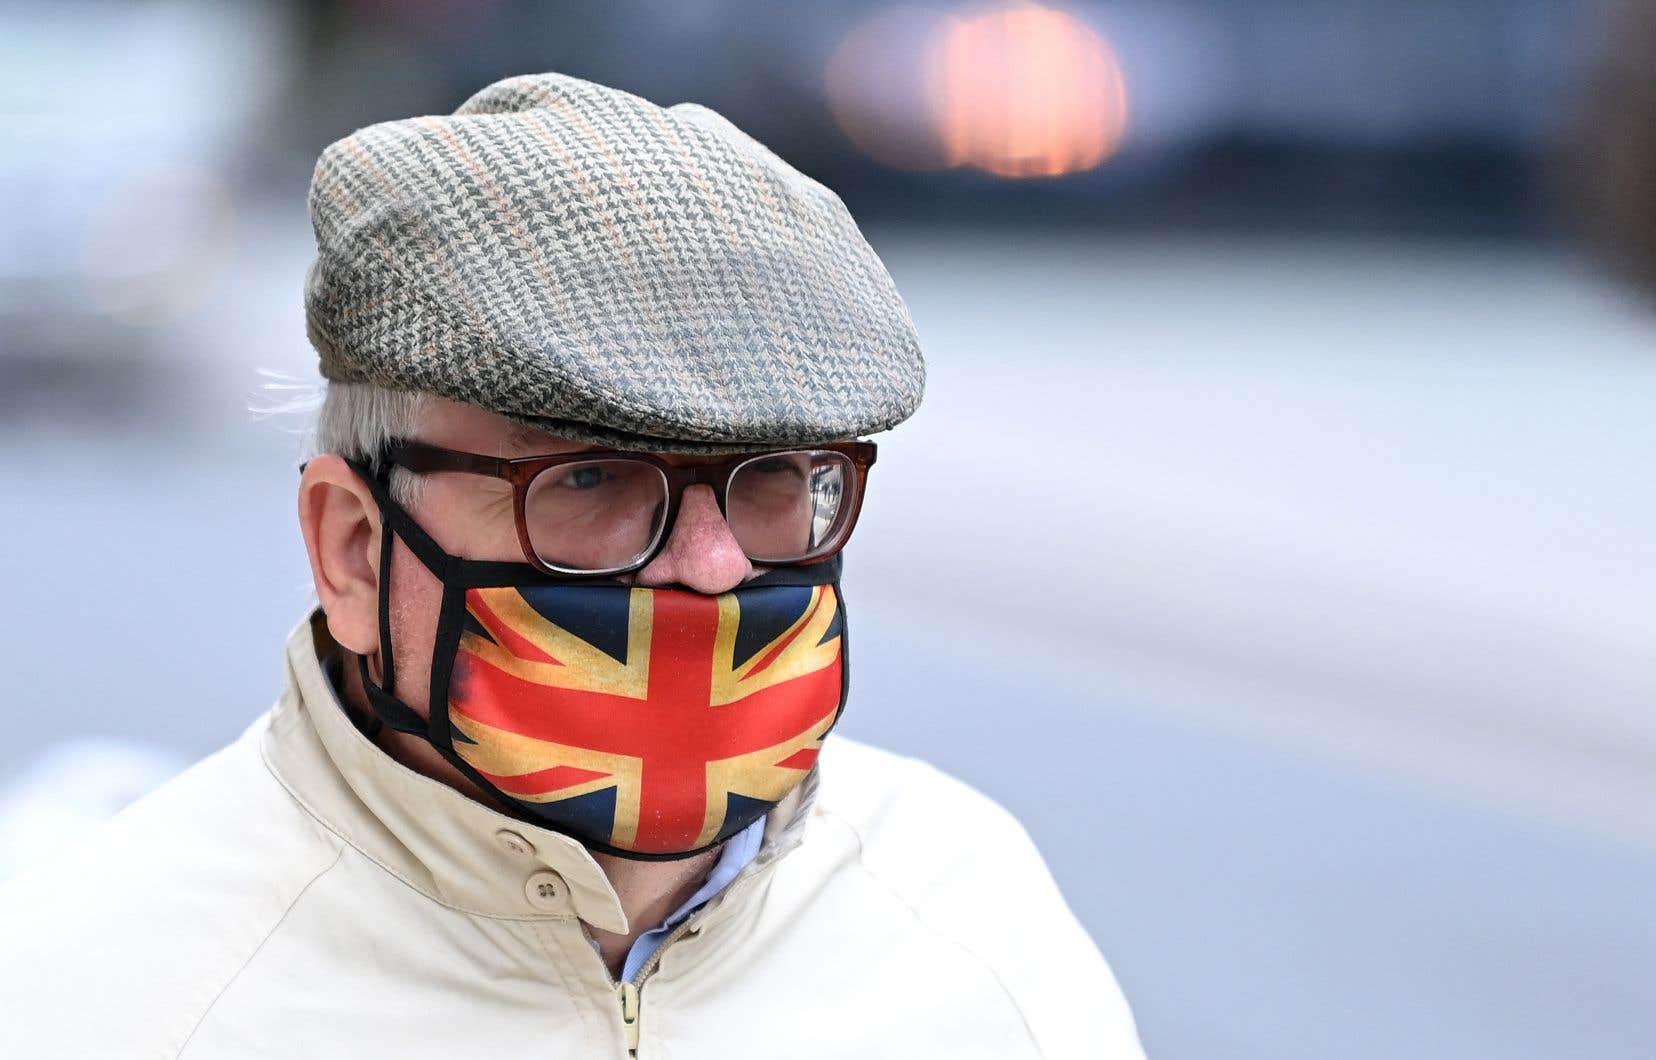 Le gouvernement britannique a commis de graves erreurs dans sa gestion de la pandémie